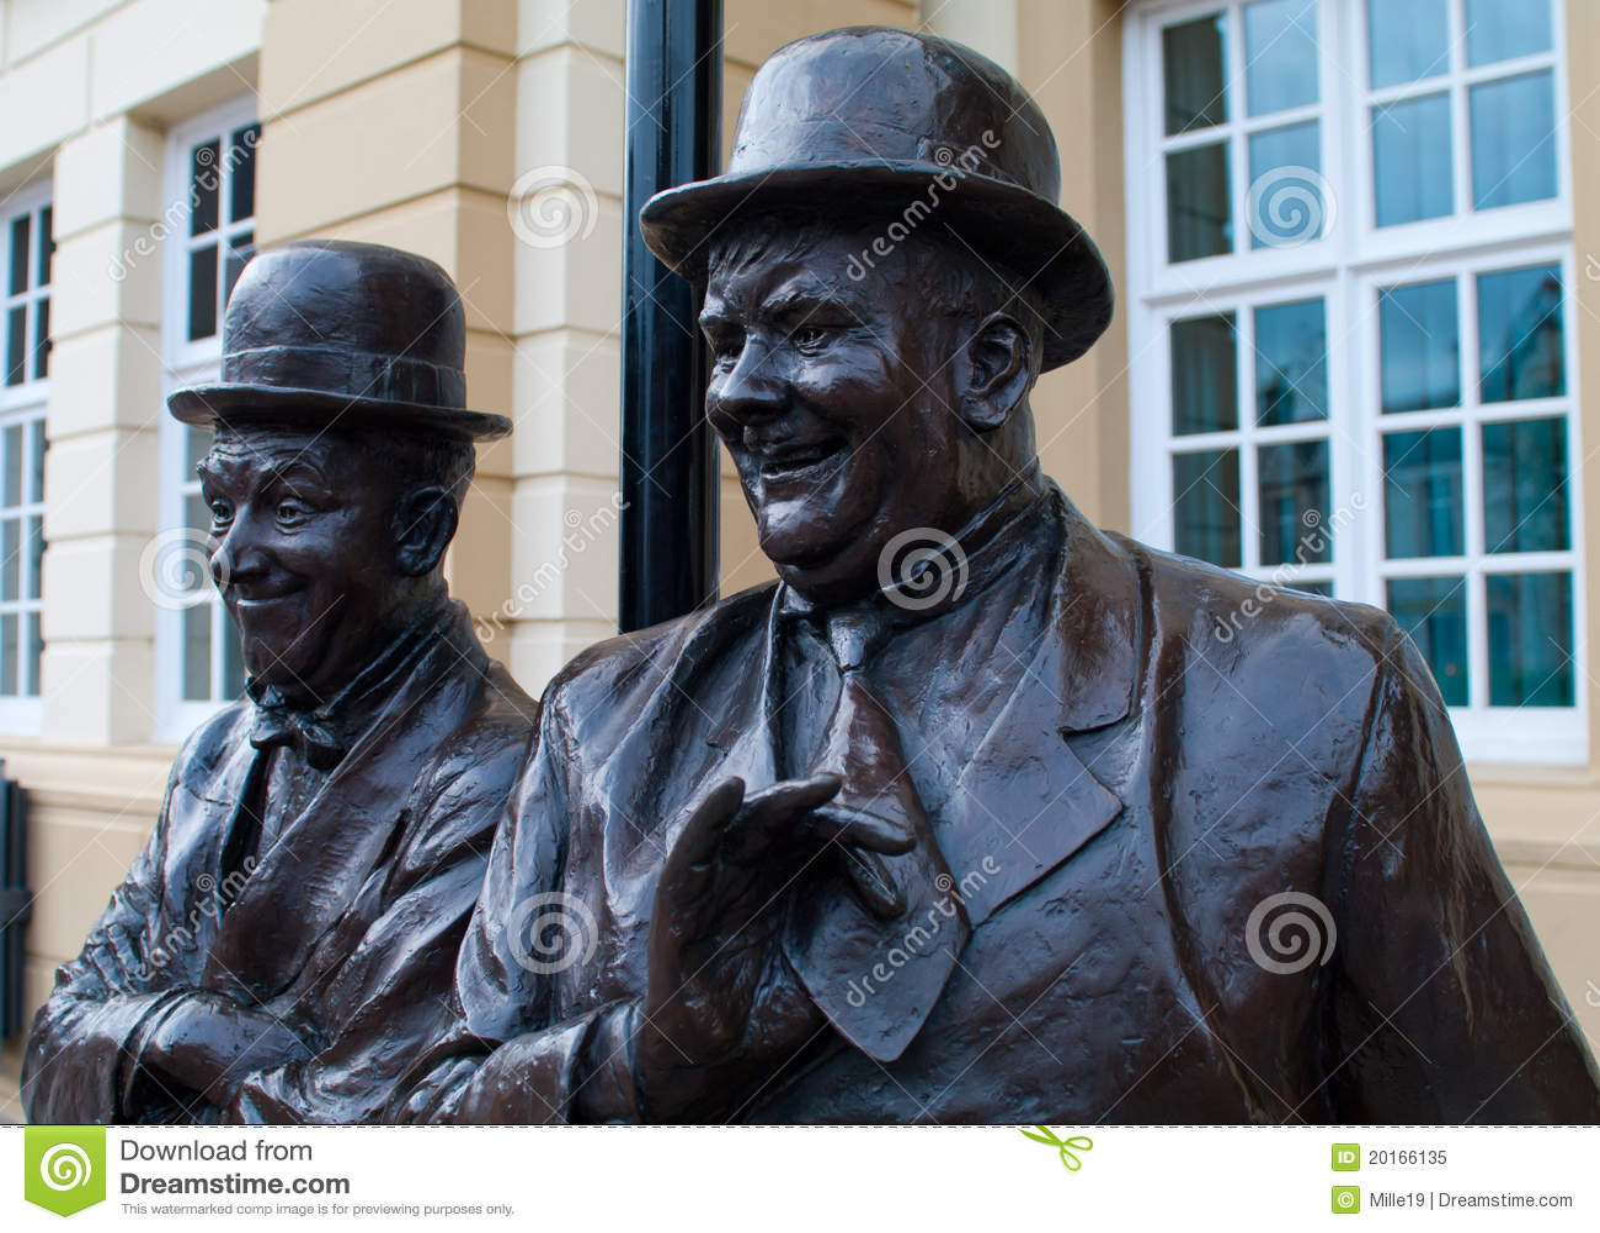 Lorbeer und robuste Statue - Ulverston